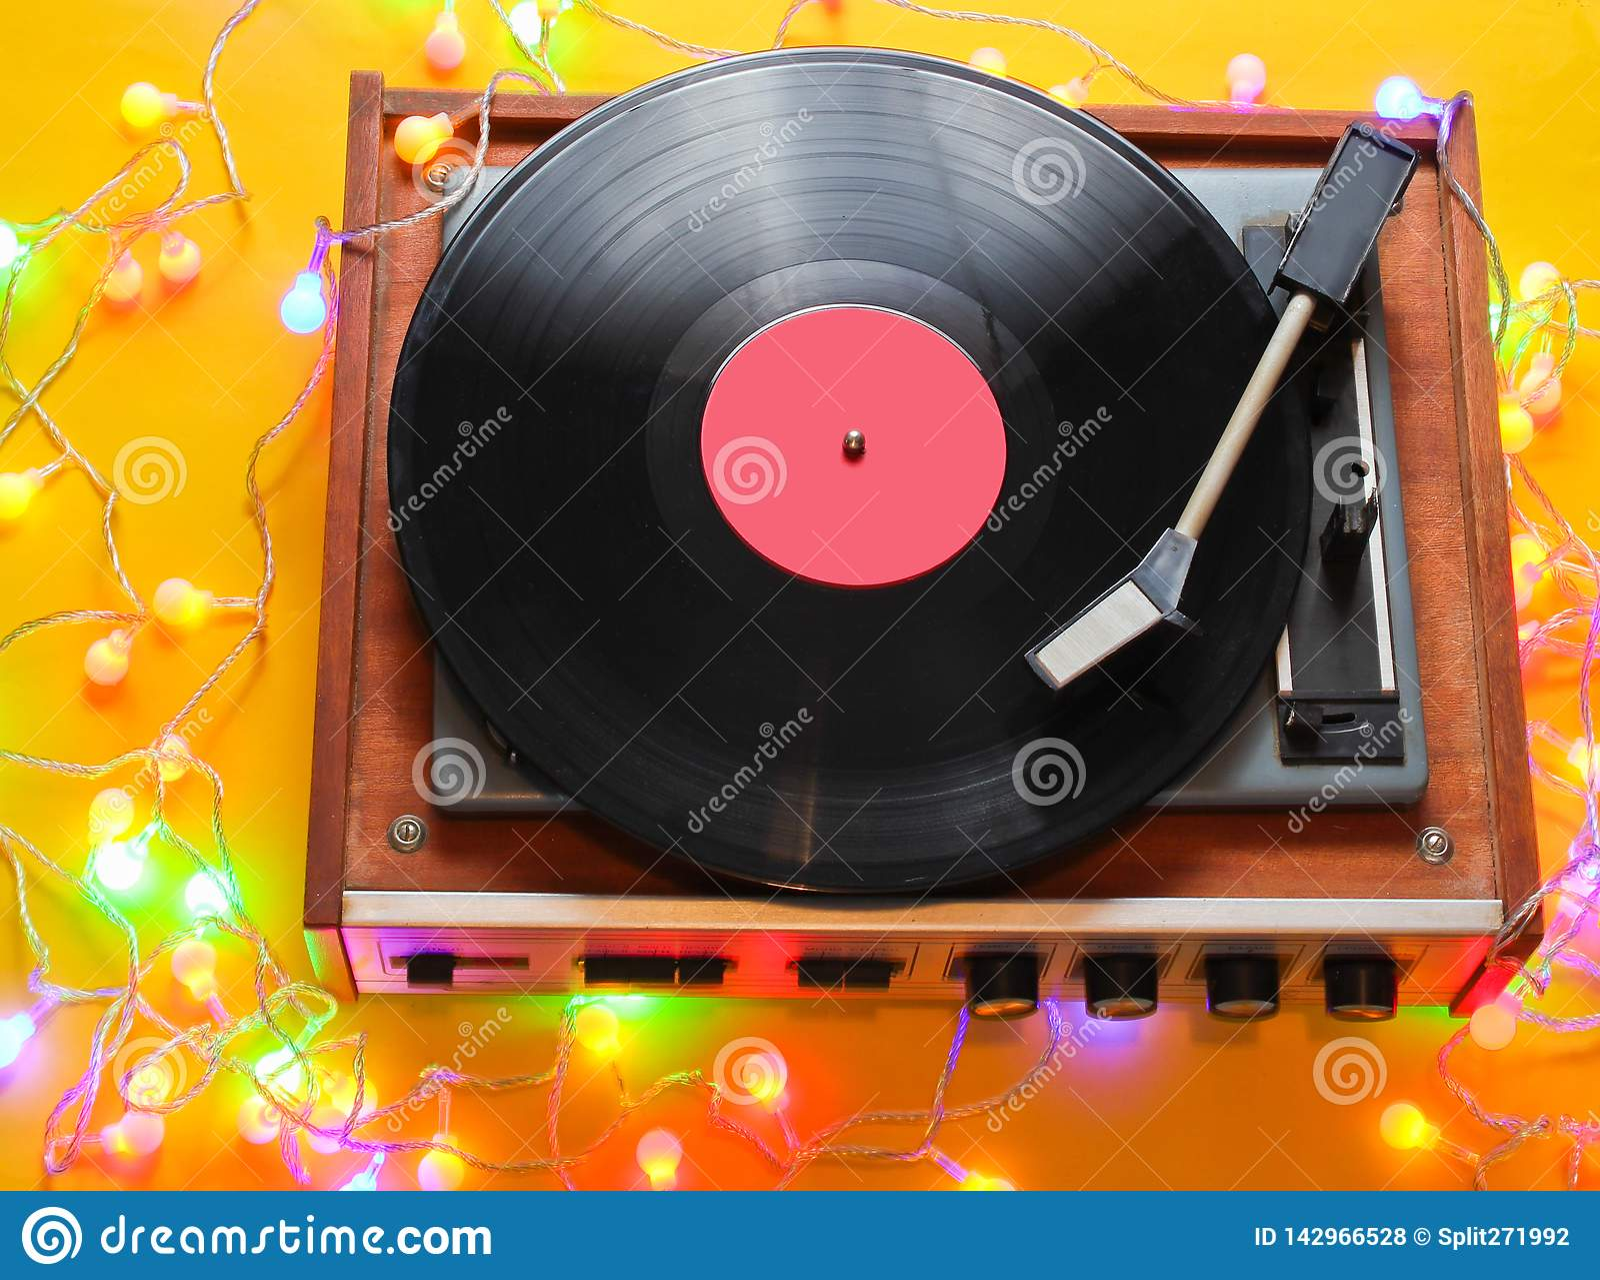 Retro 80s vinyl player